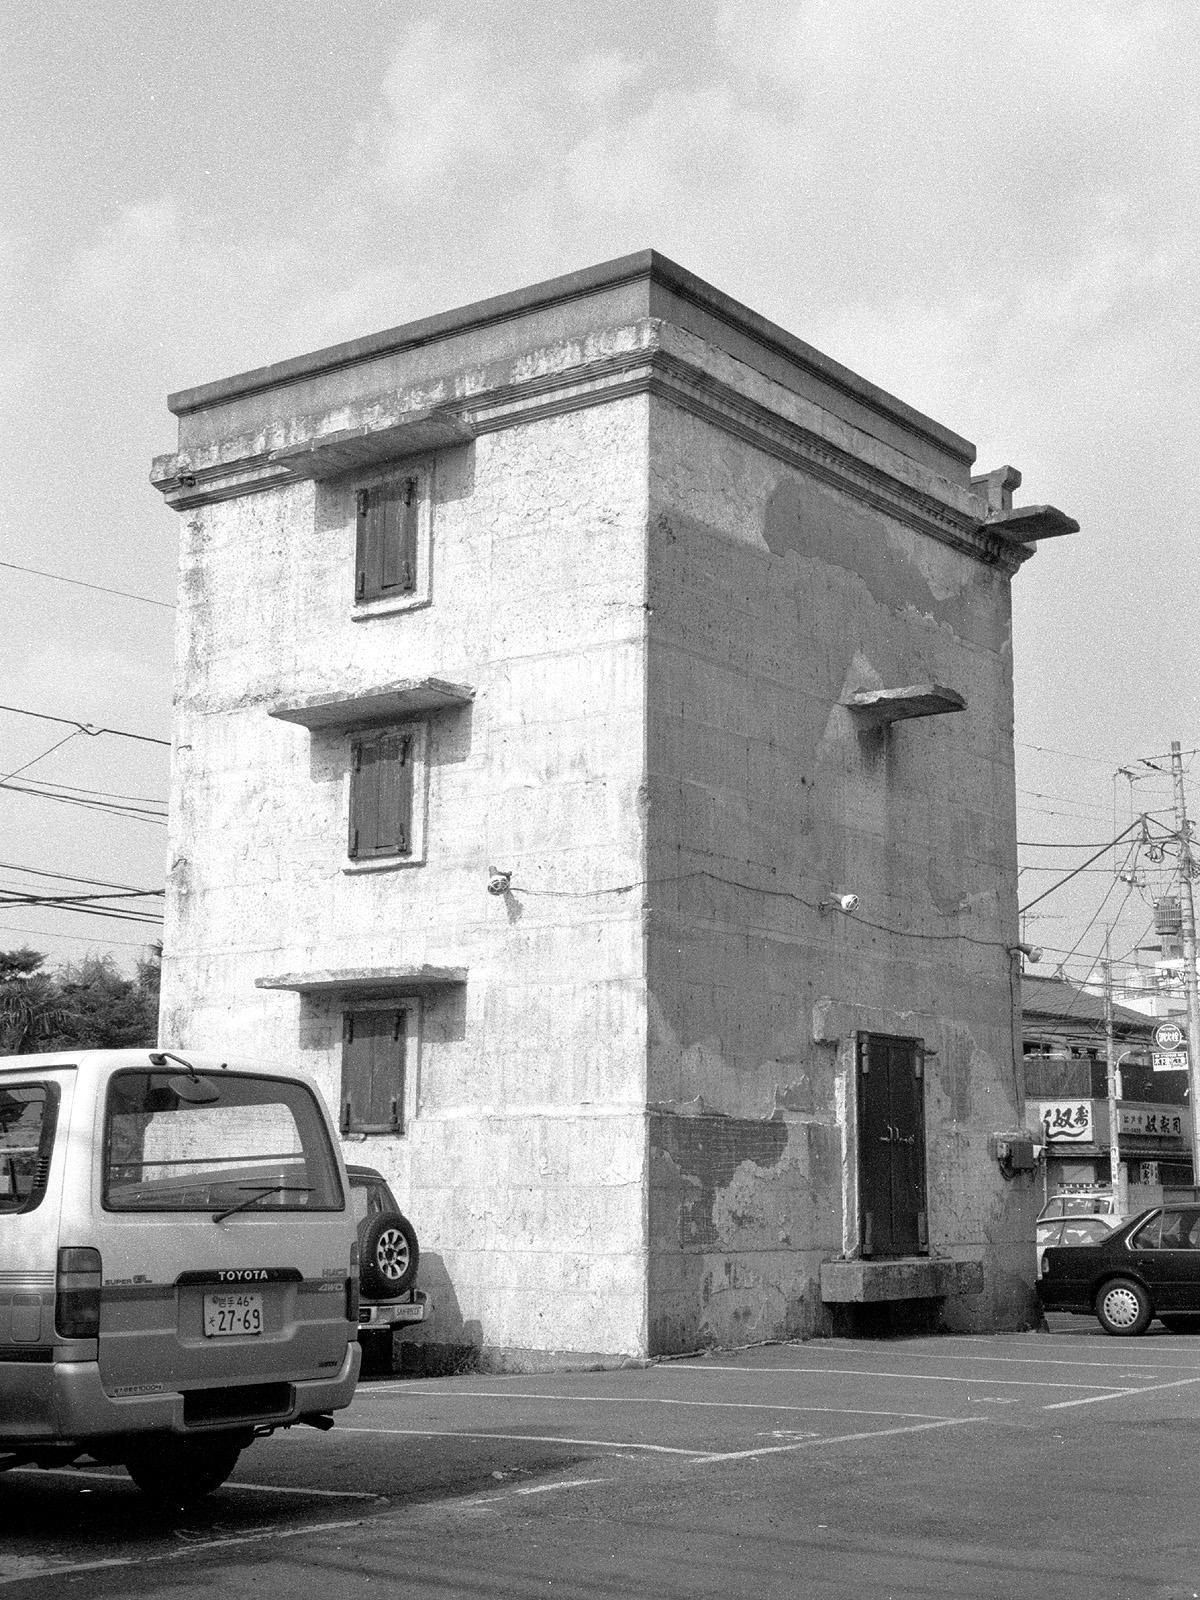 057 本郷通り沿いの謎の建造物 文京区向丘2-8 19940909(94.14.26)